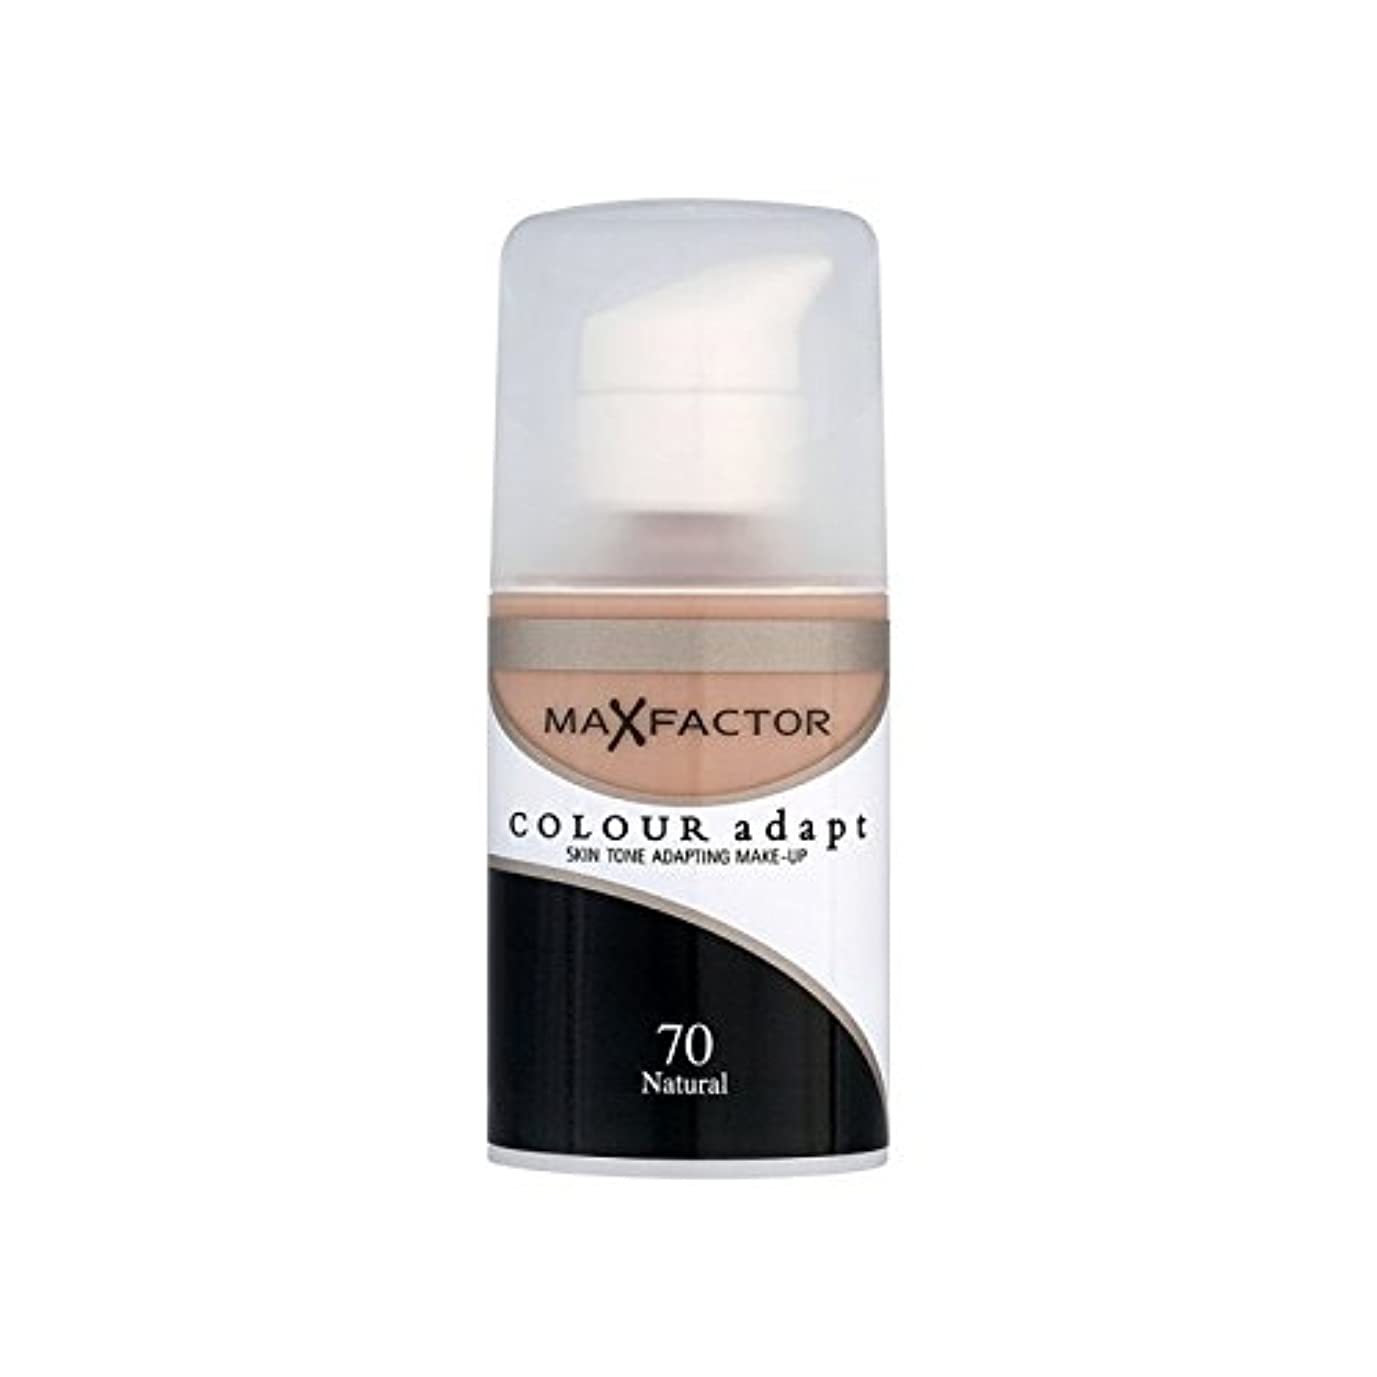 アルコールブランデージェーンオースティンマックスファクターの色は、基礎自然70を適応させます x4 - Max Factor Colour Adapt Foundation Natural 70 (Pack of 4) [並行輸入品]